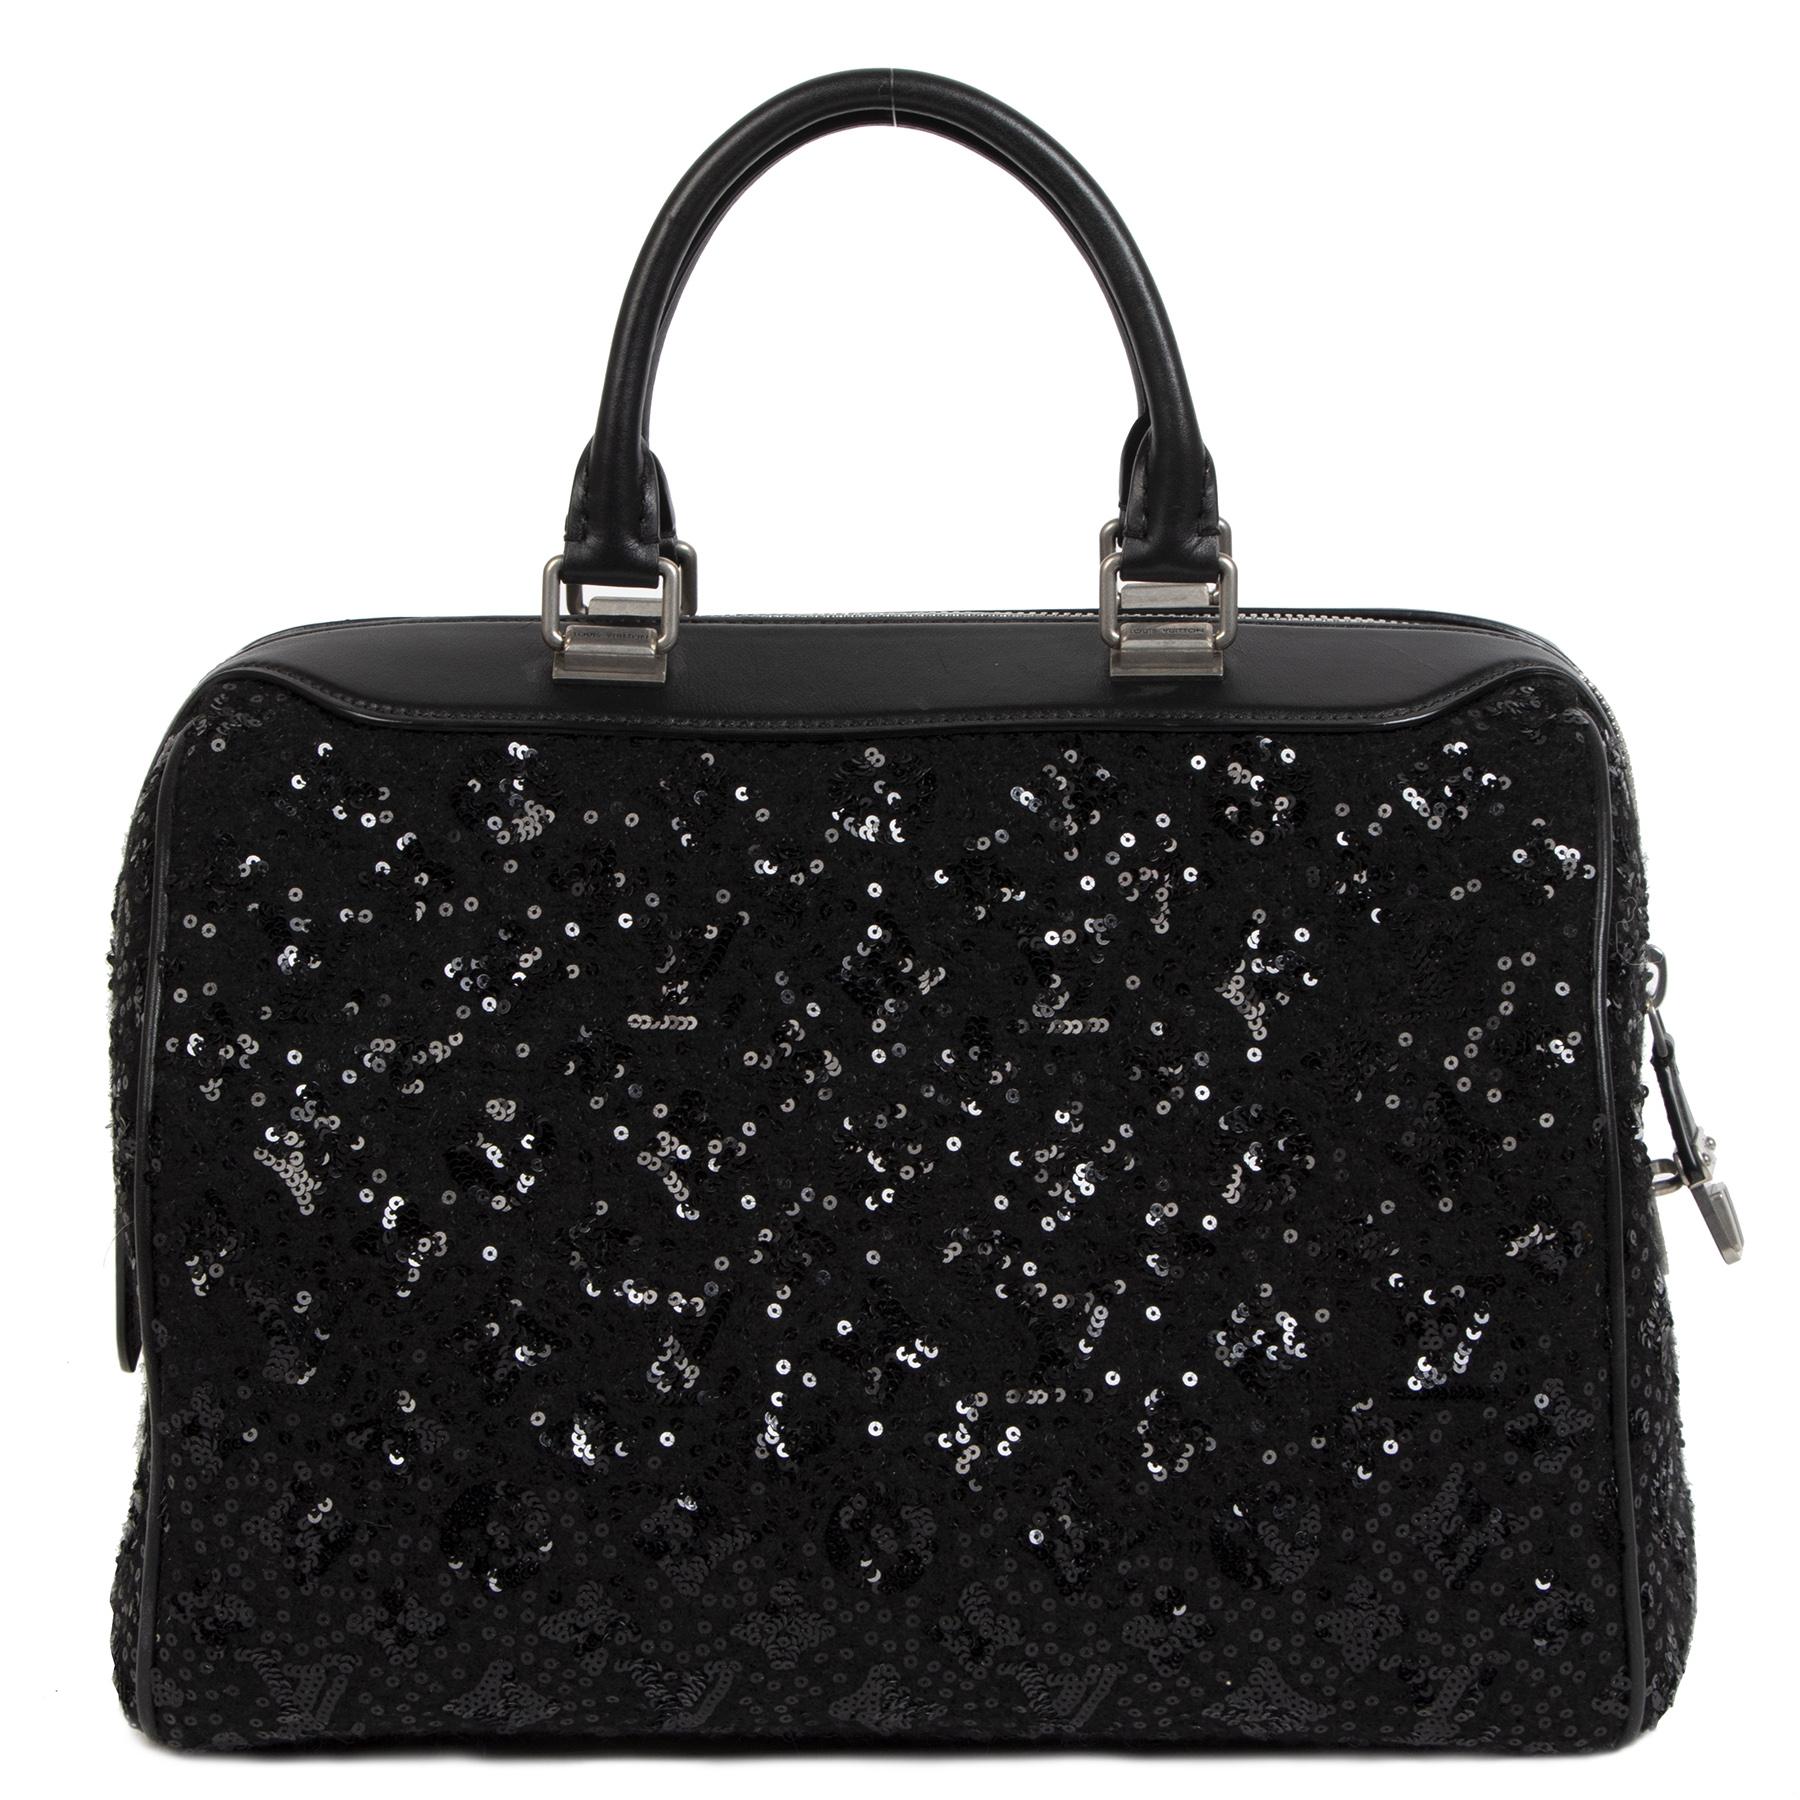 Authentieke Tweedehands Louis Vuitton Wooly Black Speedy Sunshine Express juiste prijs veilig online shoppen luxe merken webshop winkelen Antwerpen België mode fashion